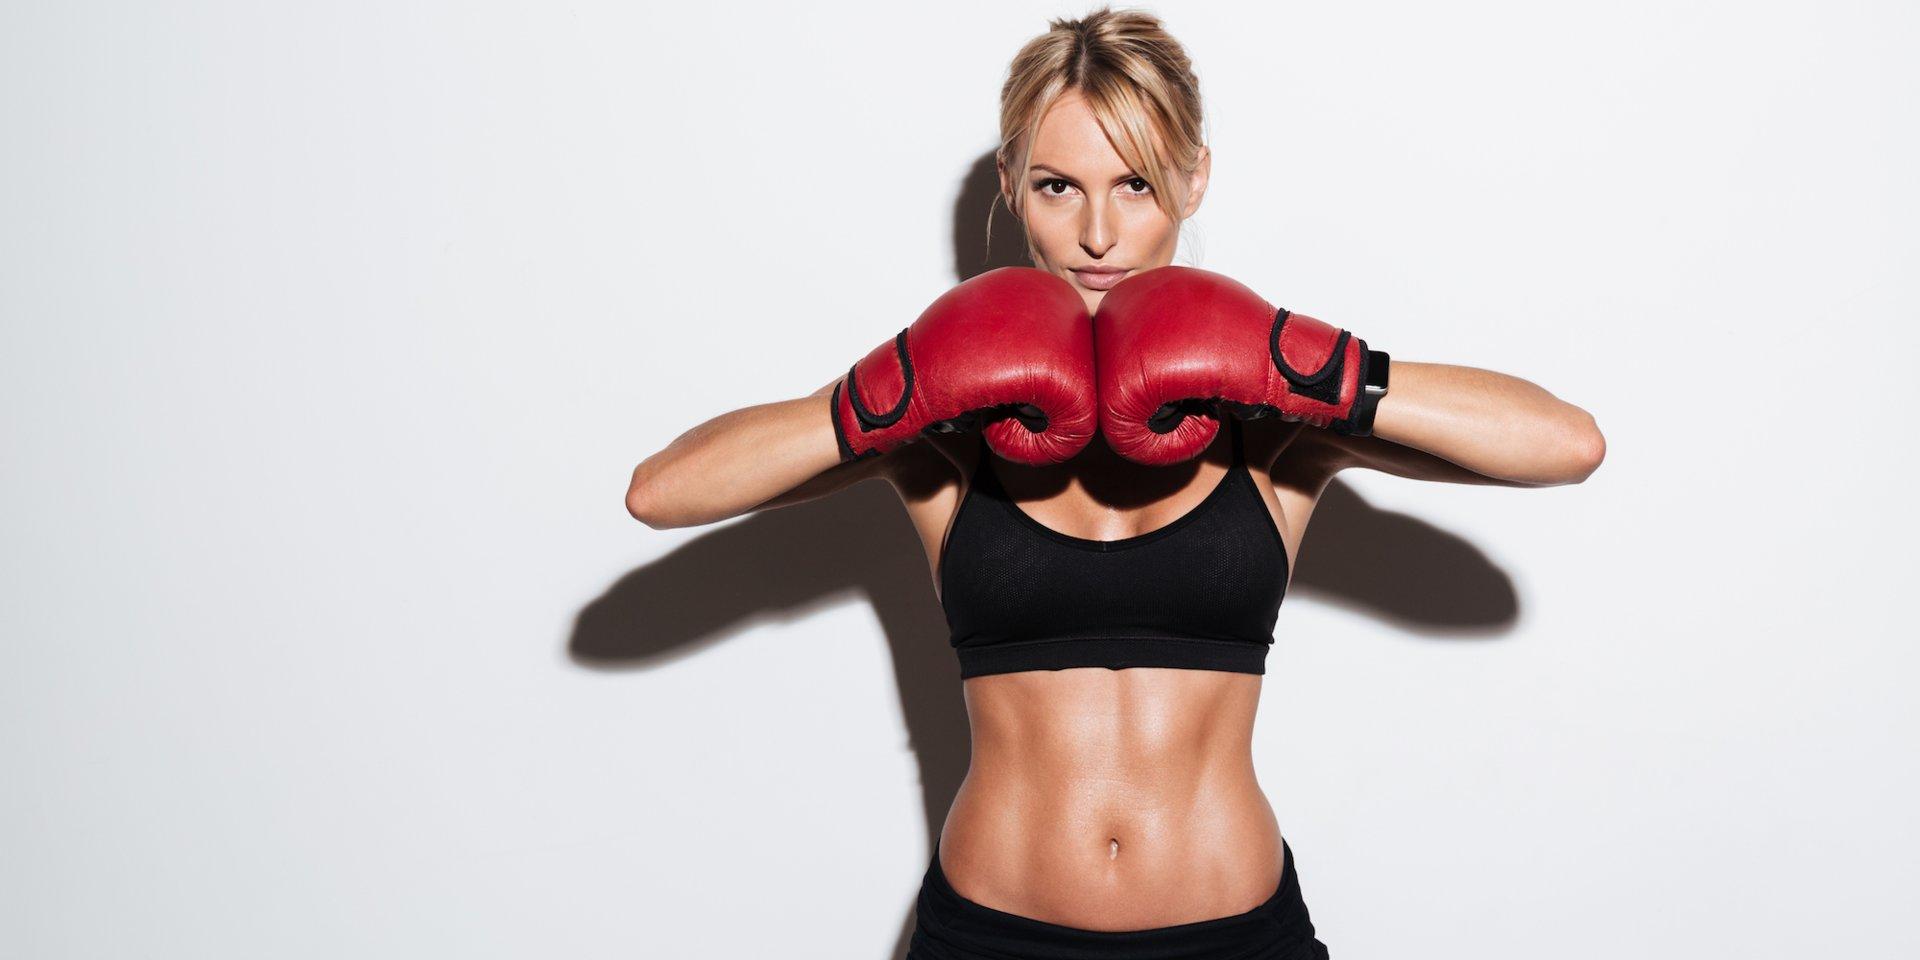 Đặt mục tiêu giảm cân trong 1 tháng thì tuyệt đối đừng bỏ qua các bài tập sau